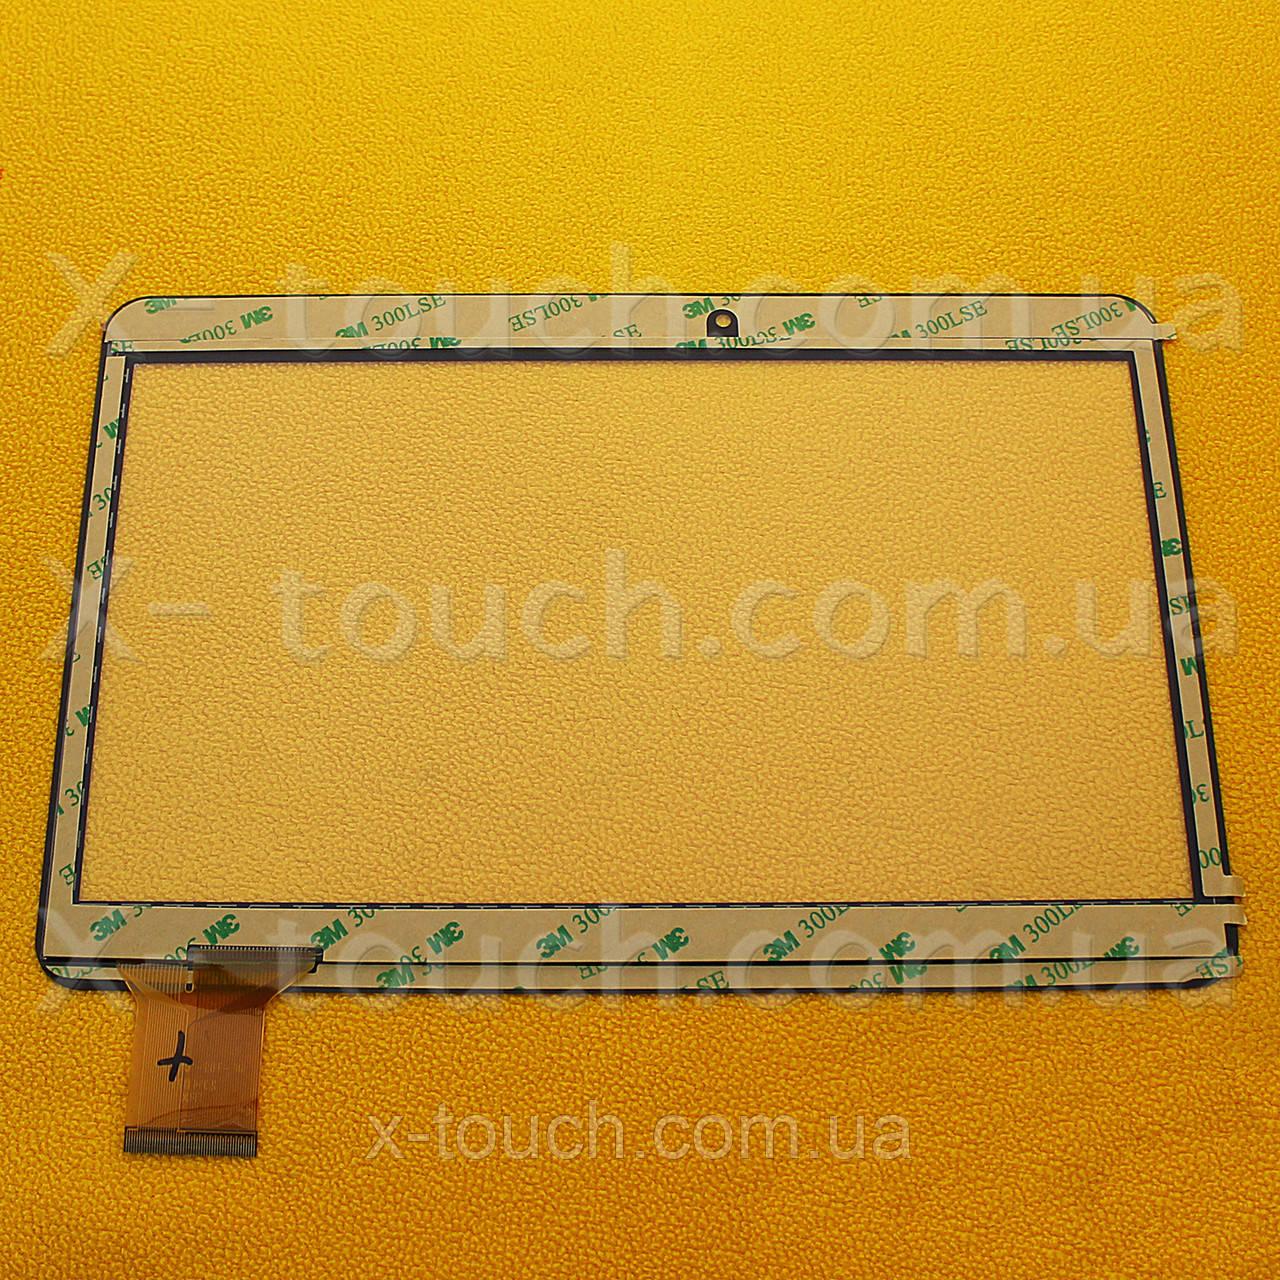 Тачскрин, сенсор MJK-0331 для планшета, цвет белый.